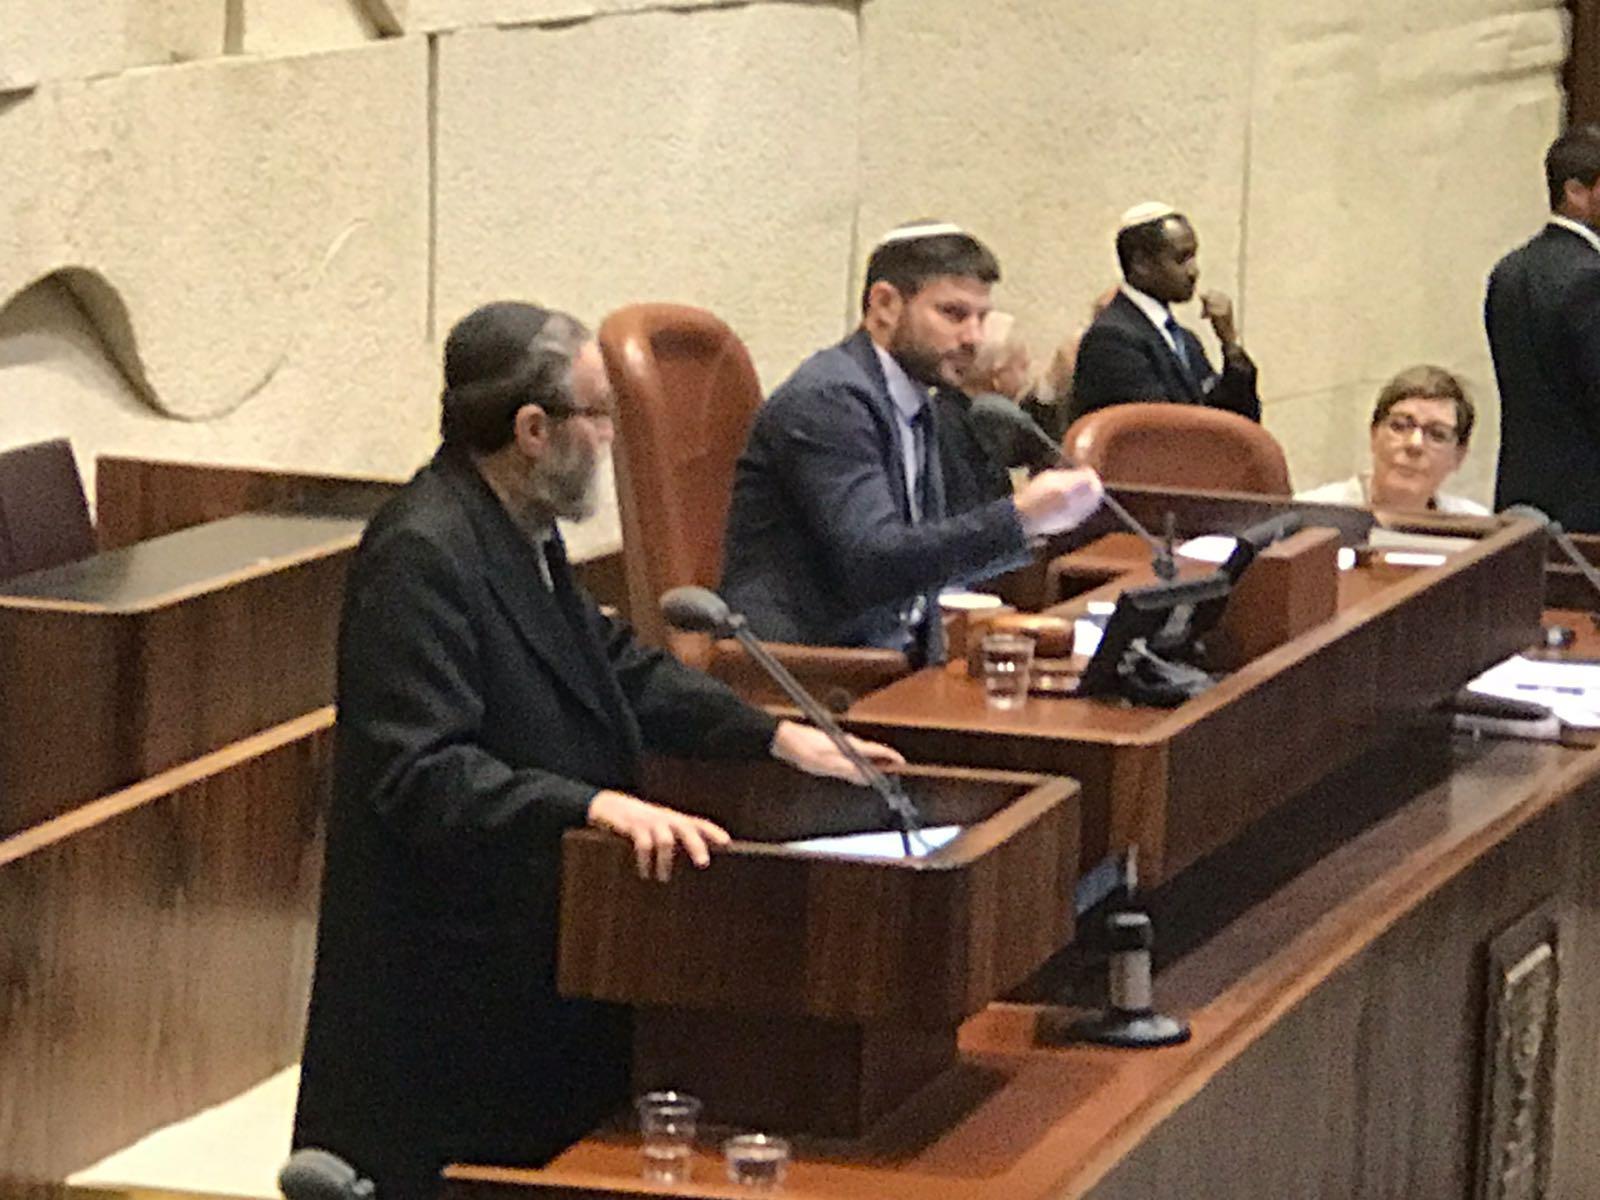 לפיד הסית והכנסת אישרה: 'מסורת ישראל'